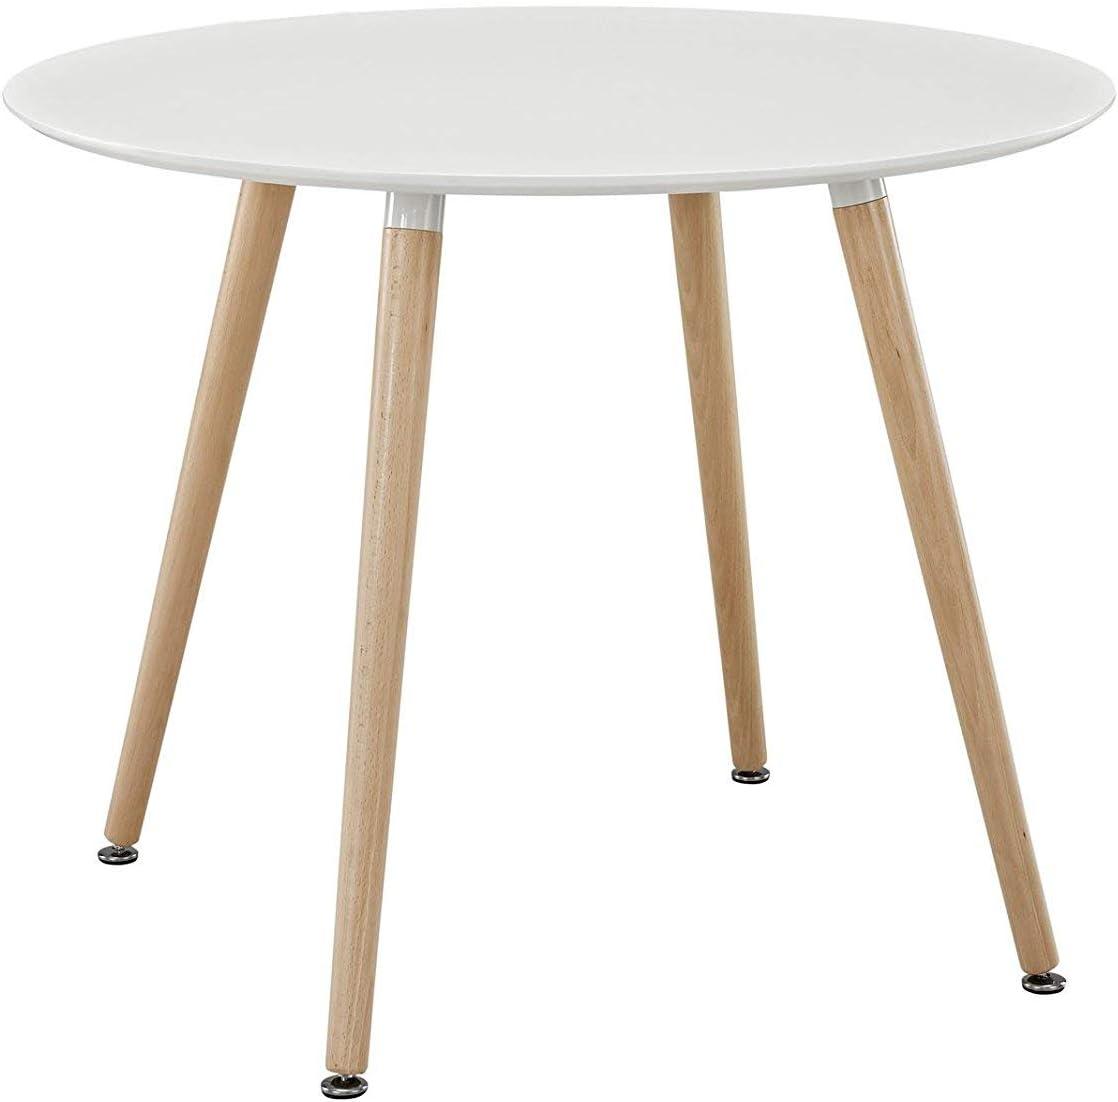 H.J WeDoo Ronde Table de Salle /à Manger scandinave Diam/ètre 80cm Moderne Style Nordique en Bois Blanc